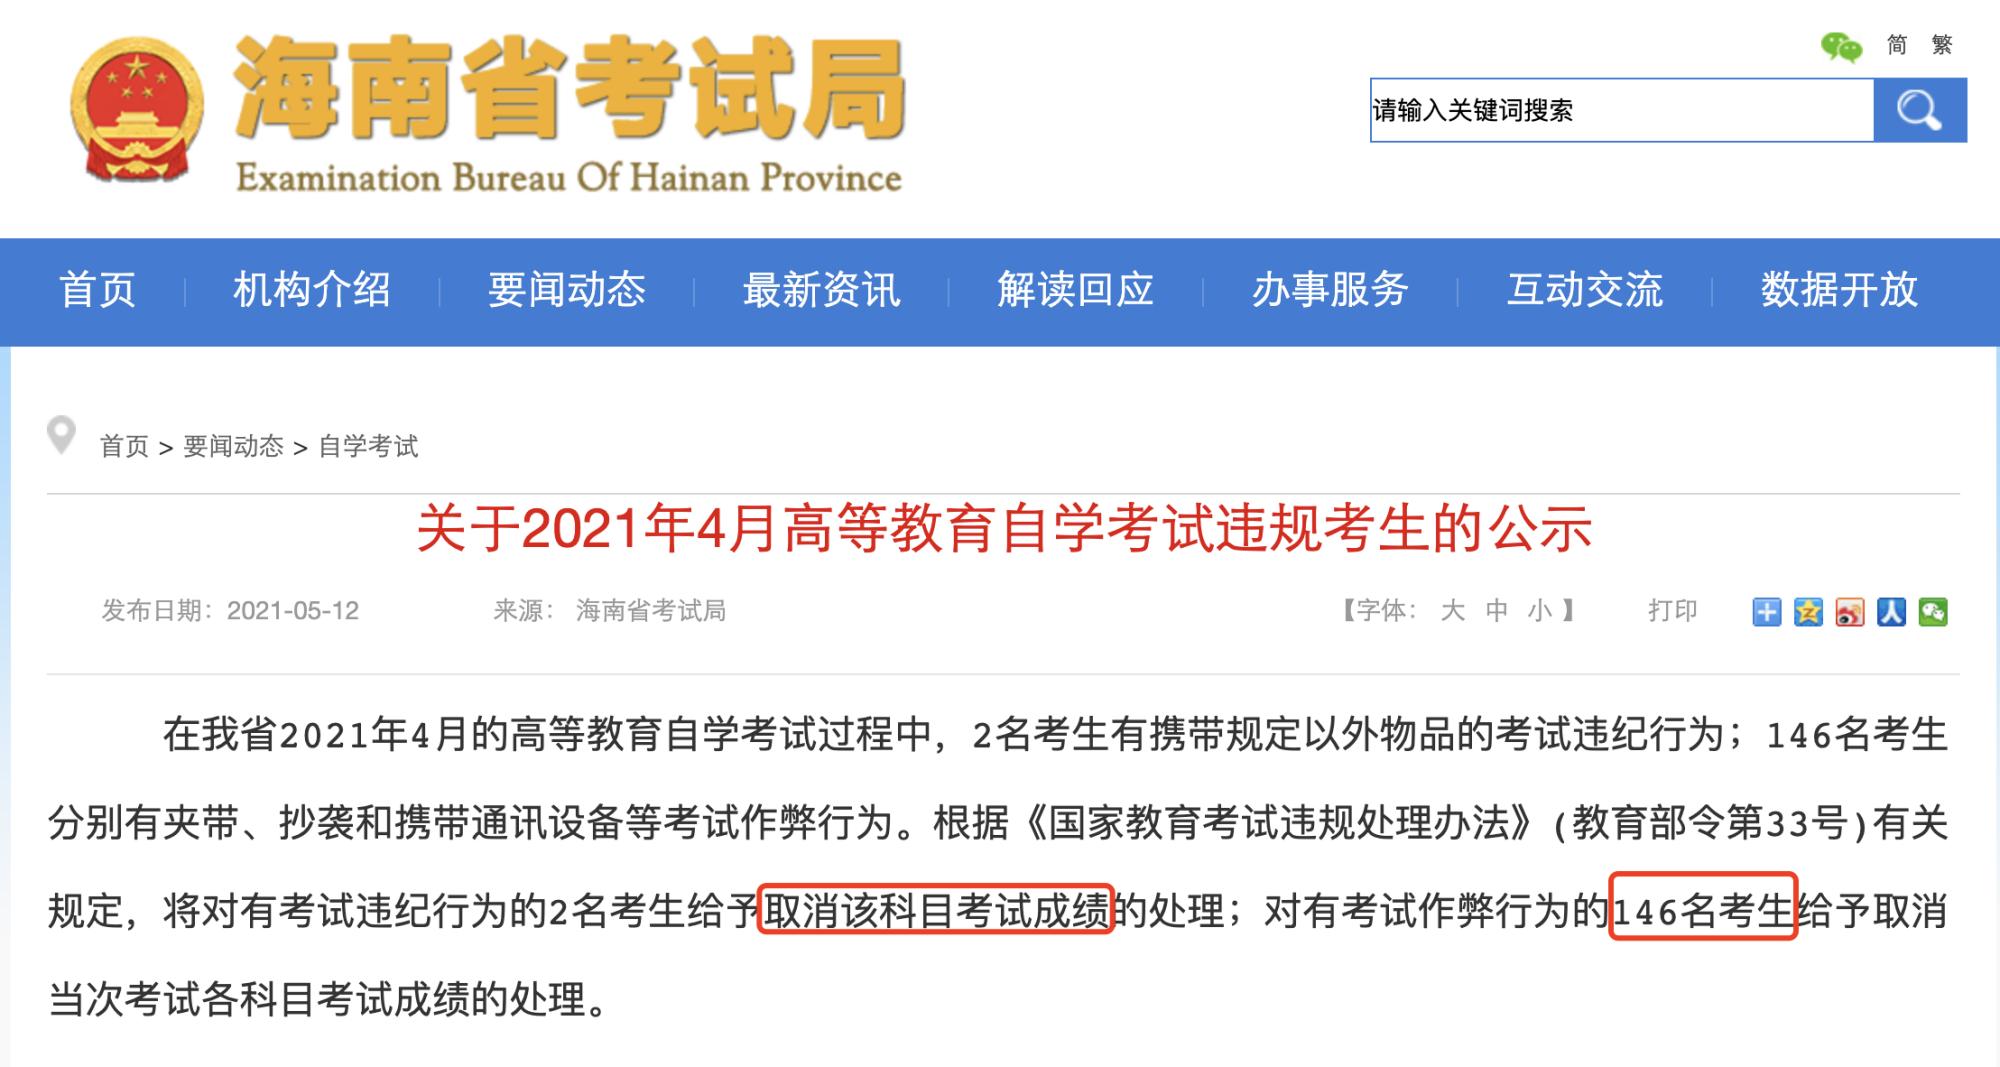 海南自学考试146人作弊,不懂得珍惜机会,自考考试成绩被取消